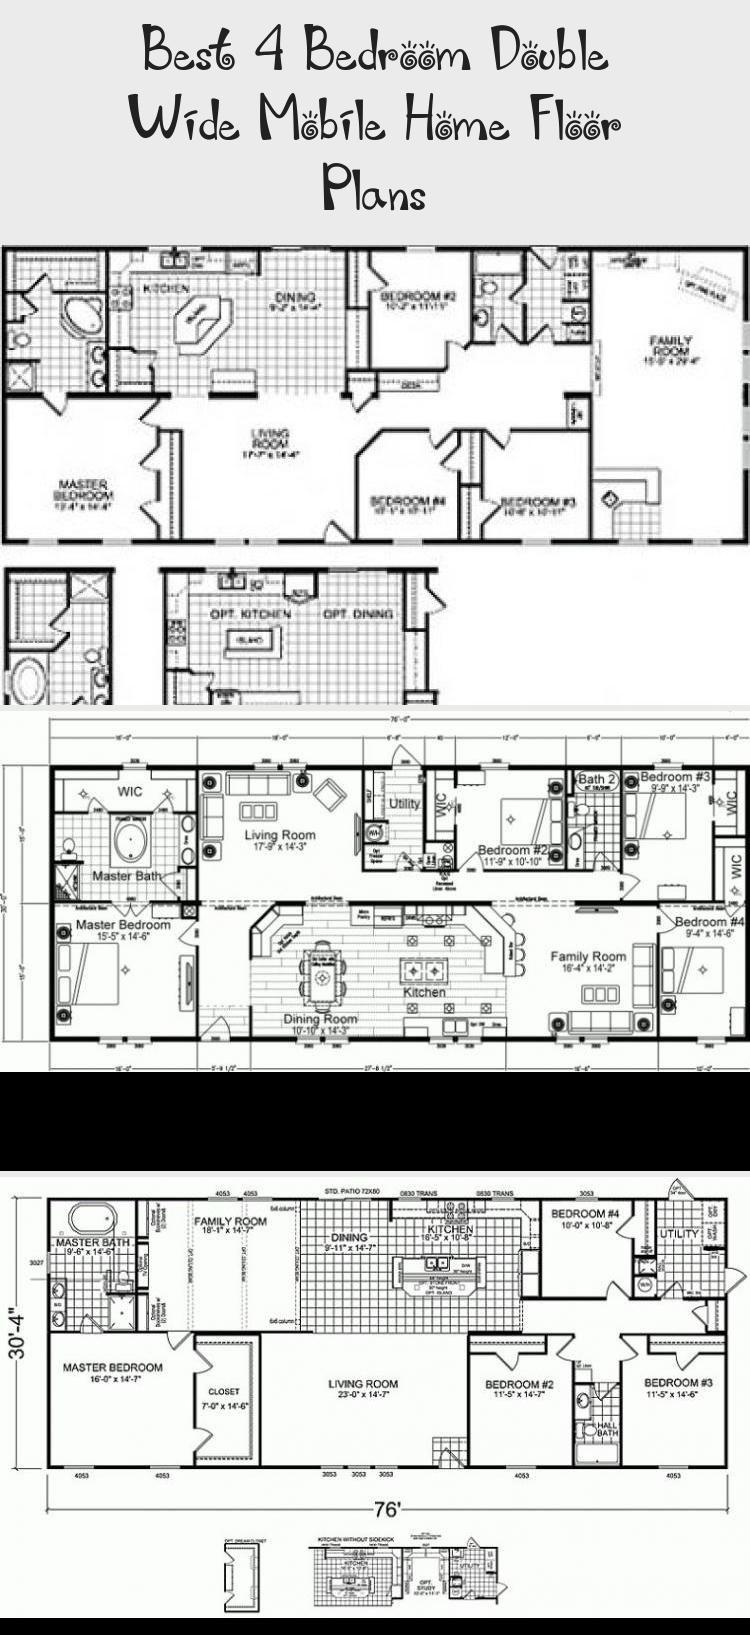 Best 4 Bedroom Double Wide Mobile Home Floor Plans in 2020 ...